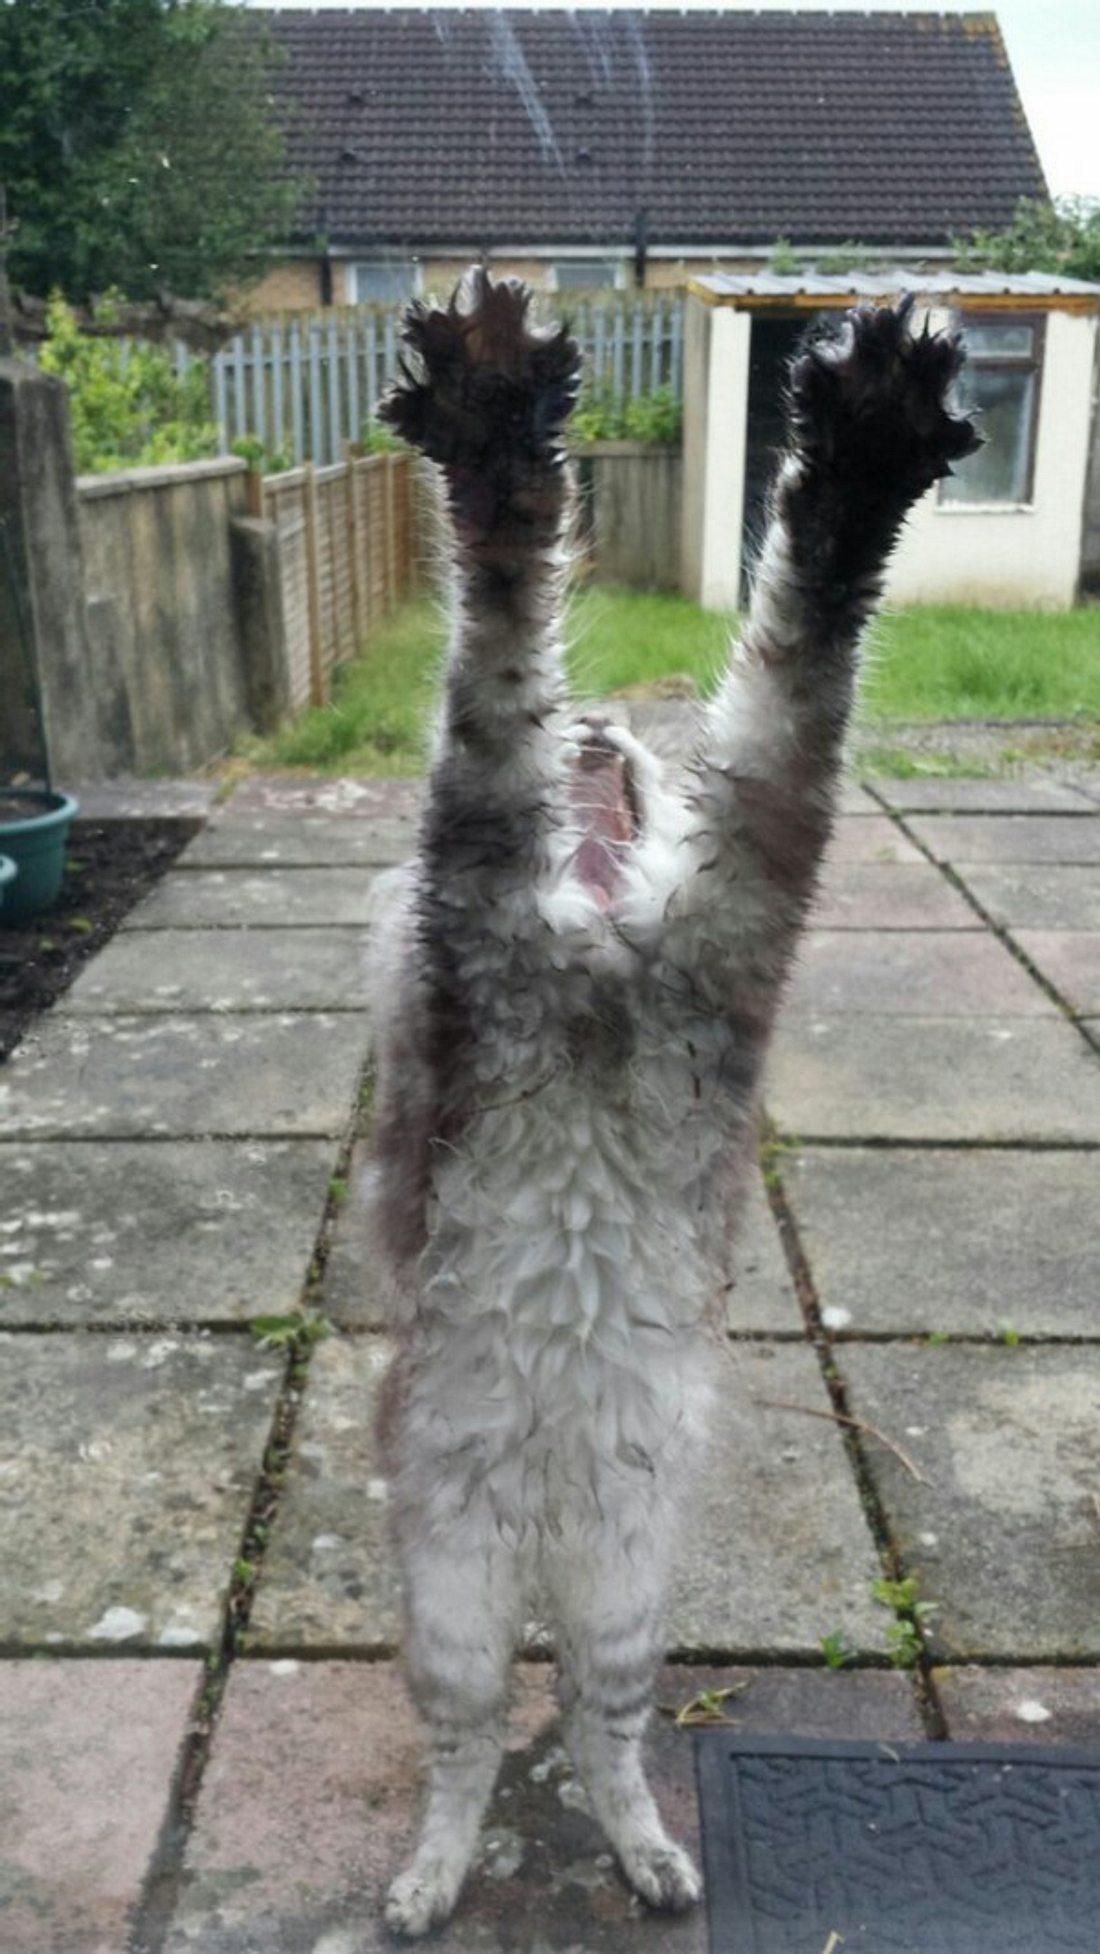 Eine ausgesperrte Katze